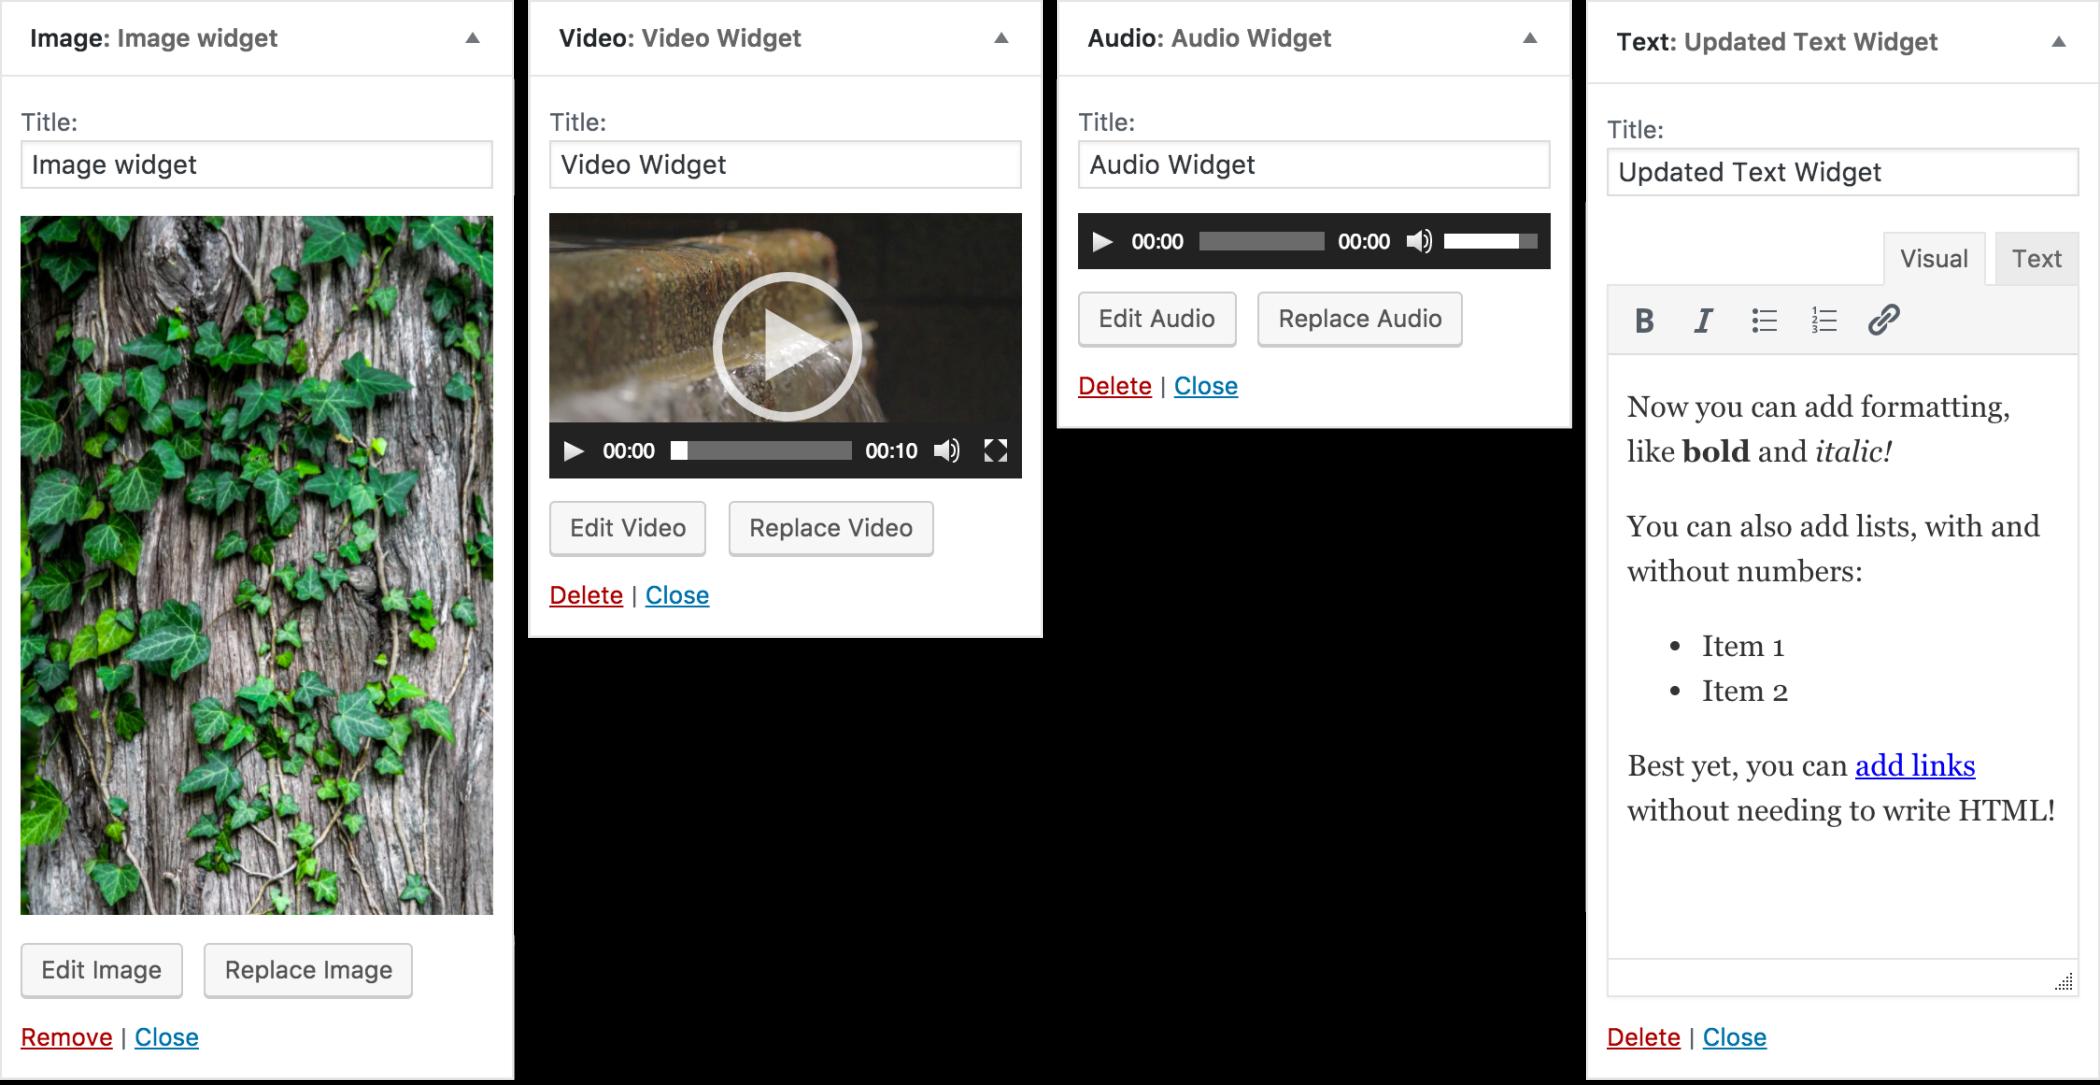 The new WordPress widgets